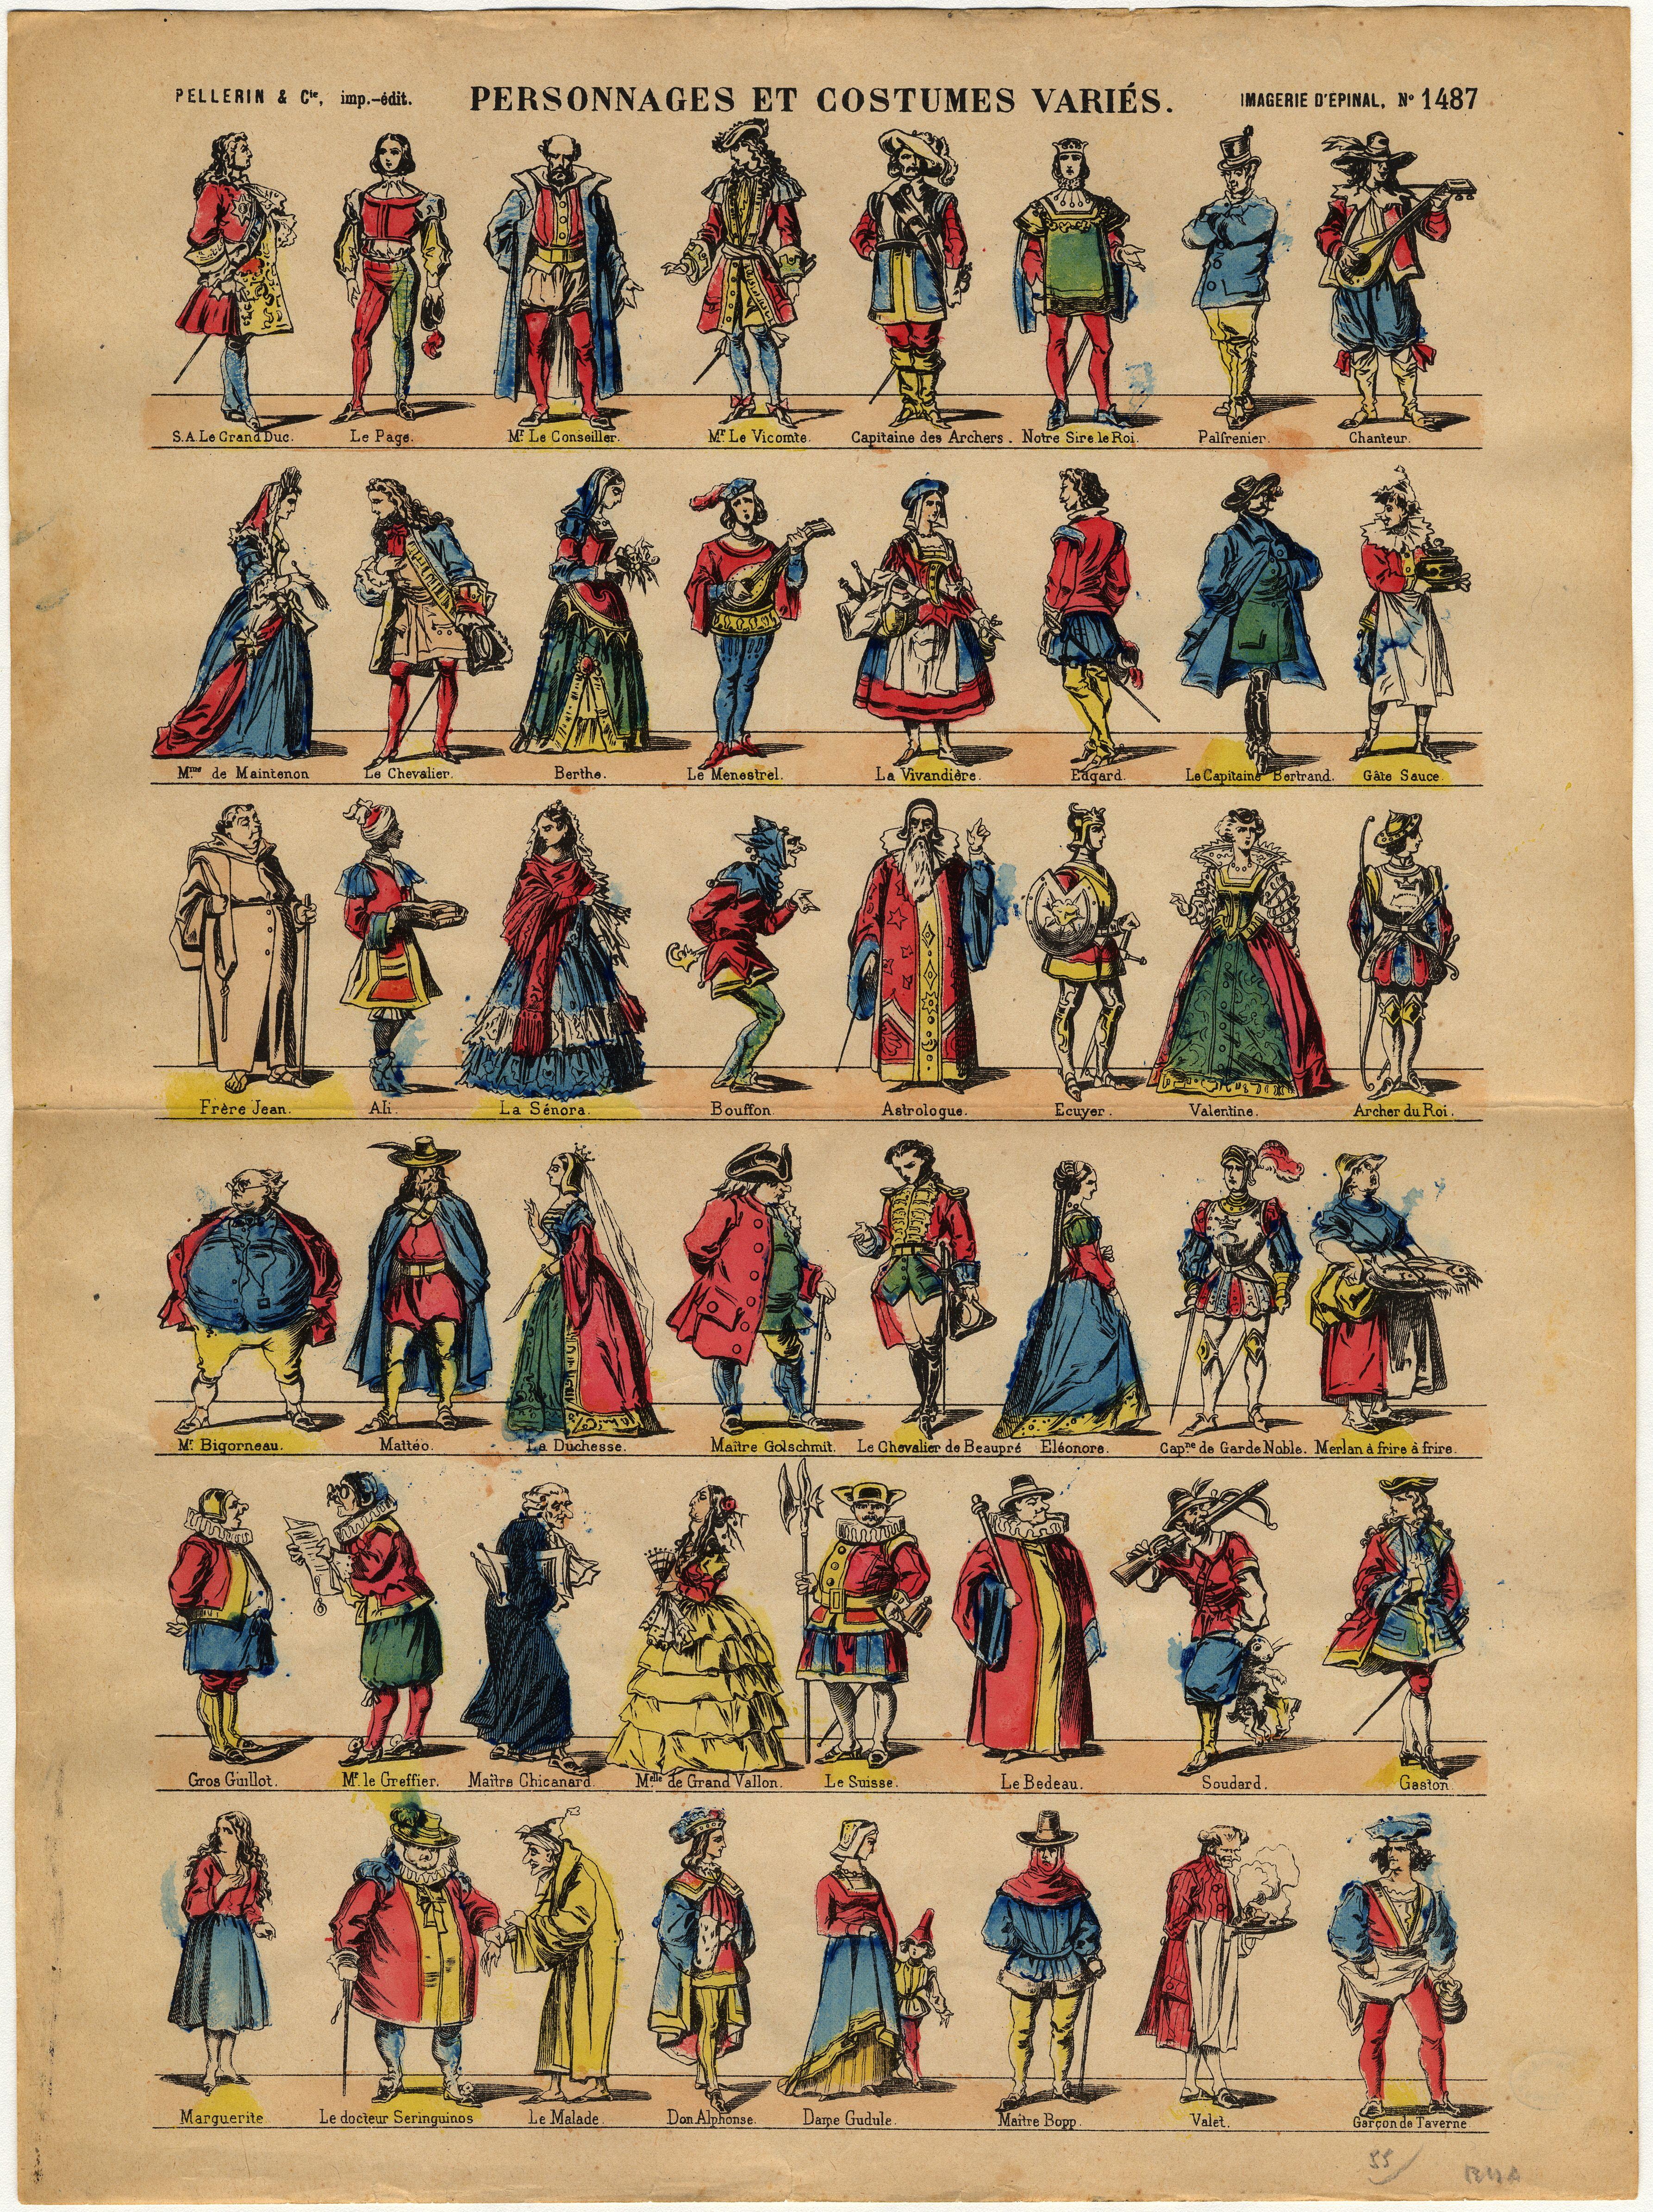 Contenu du Personnages et costumes variés